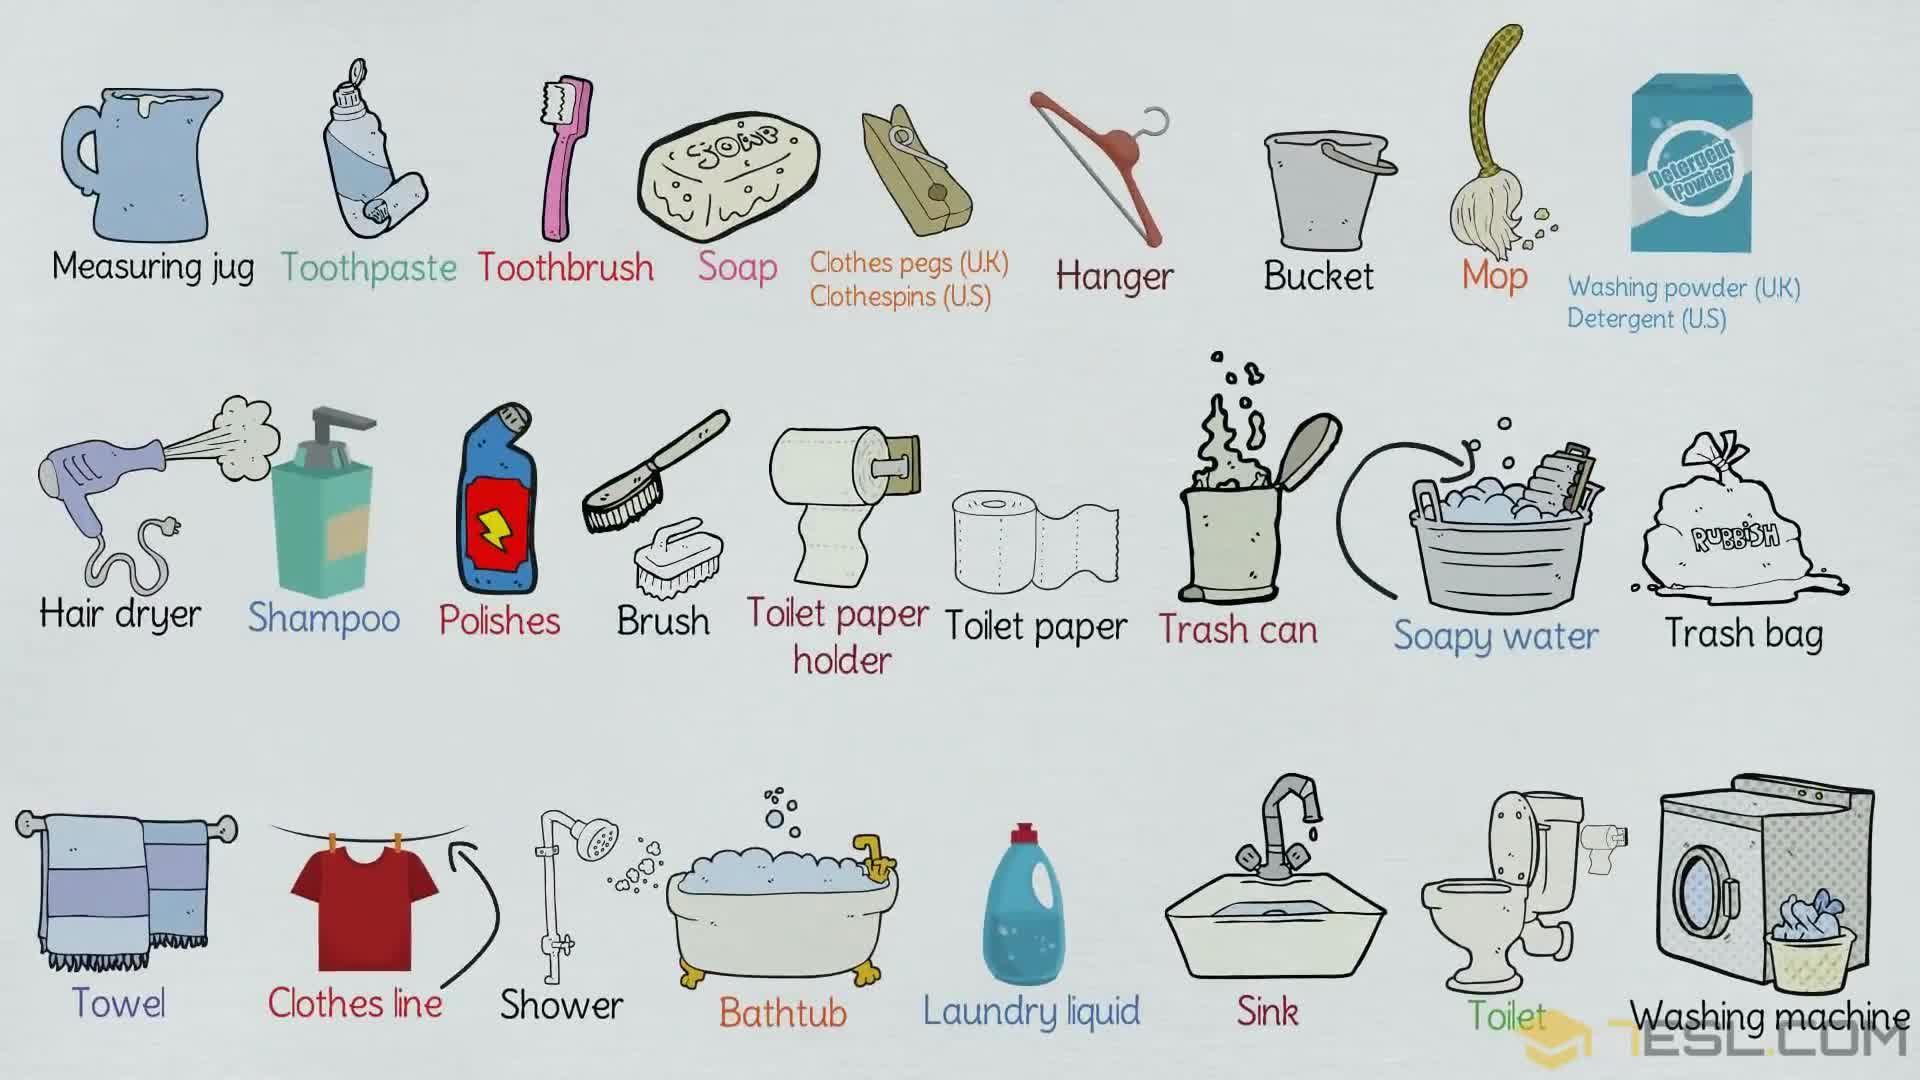 Bathroom Vocabulary: Bathroom Accessories & Furniture - 9 E S L